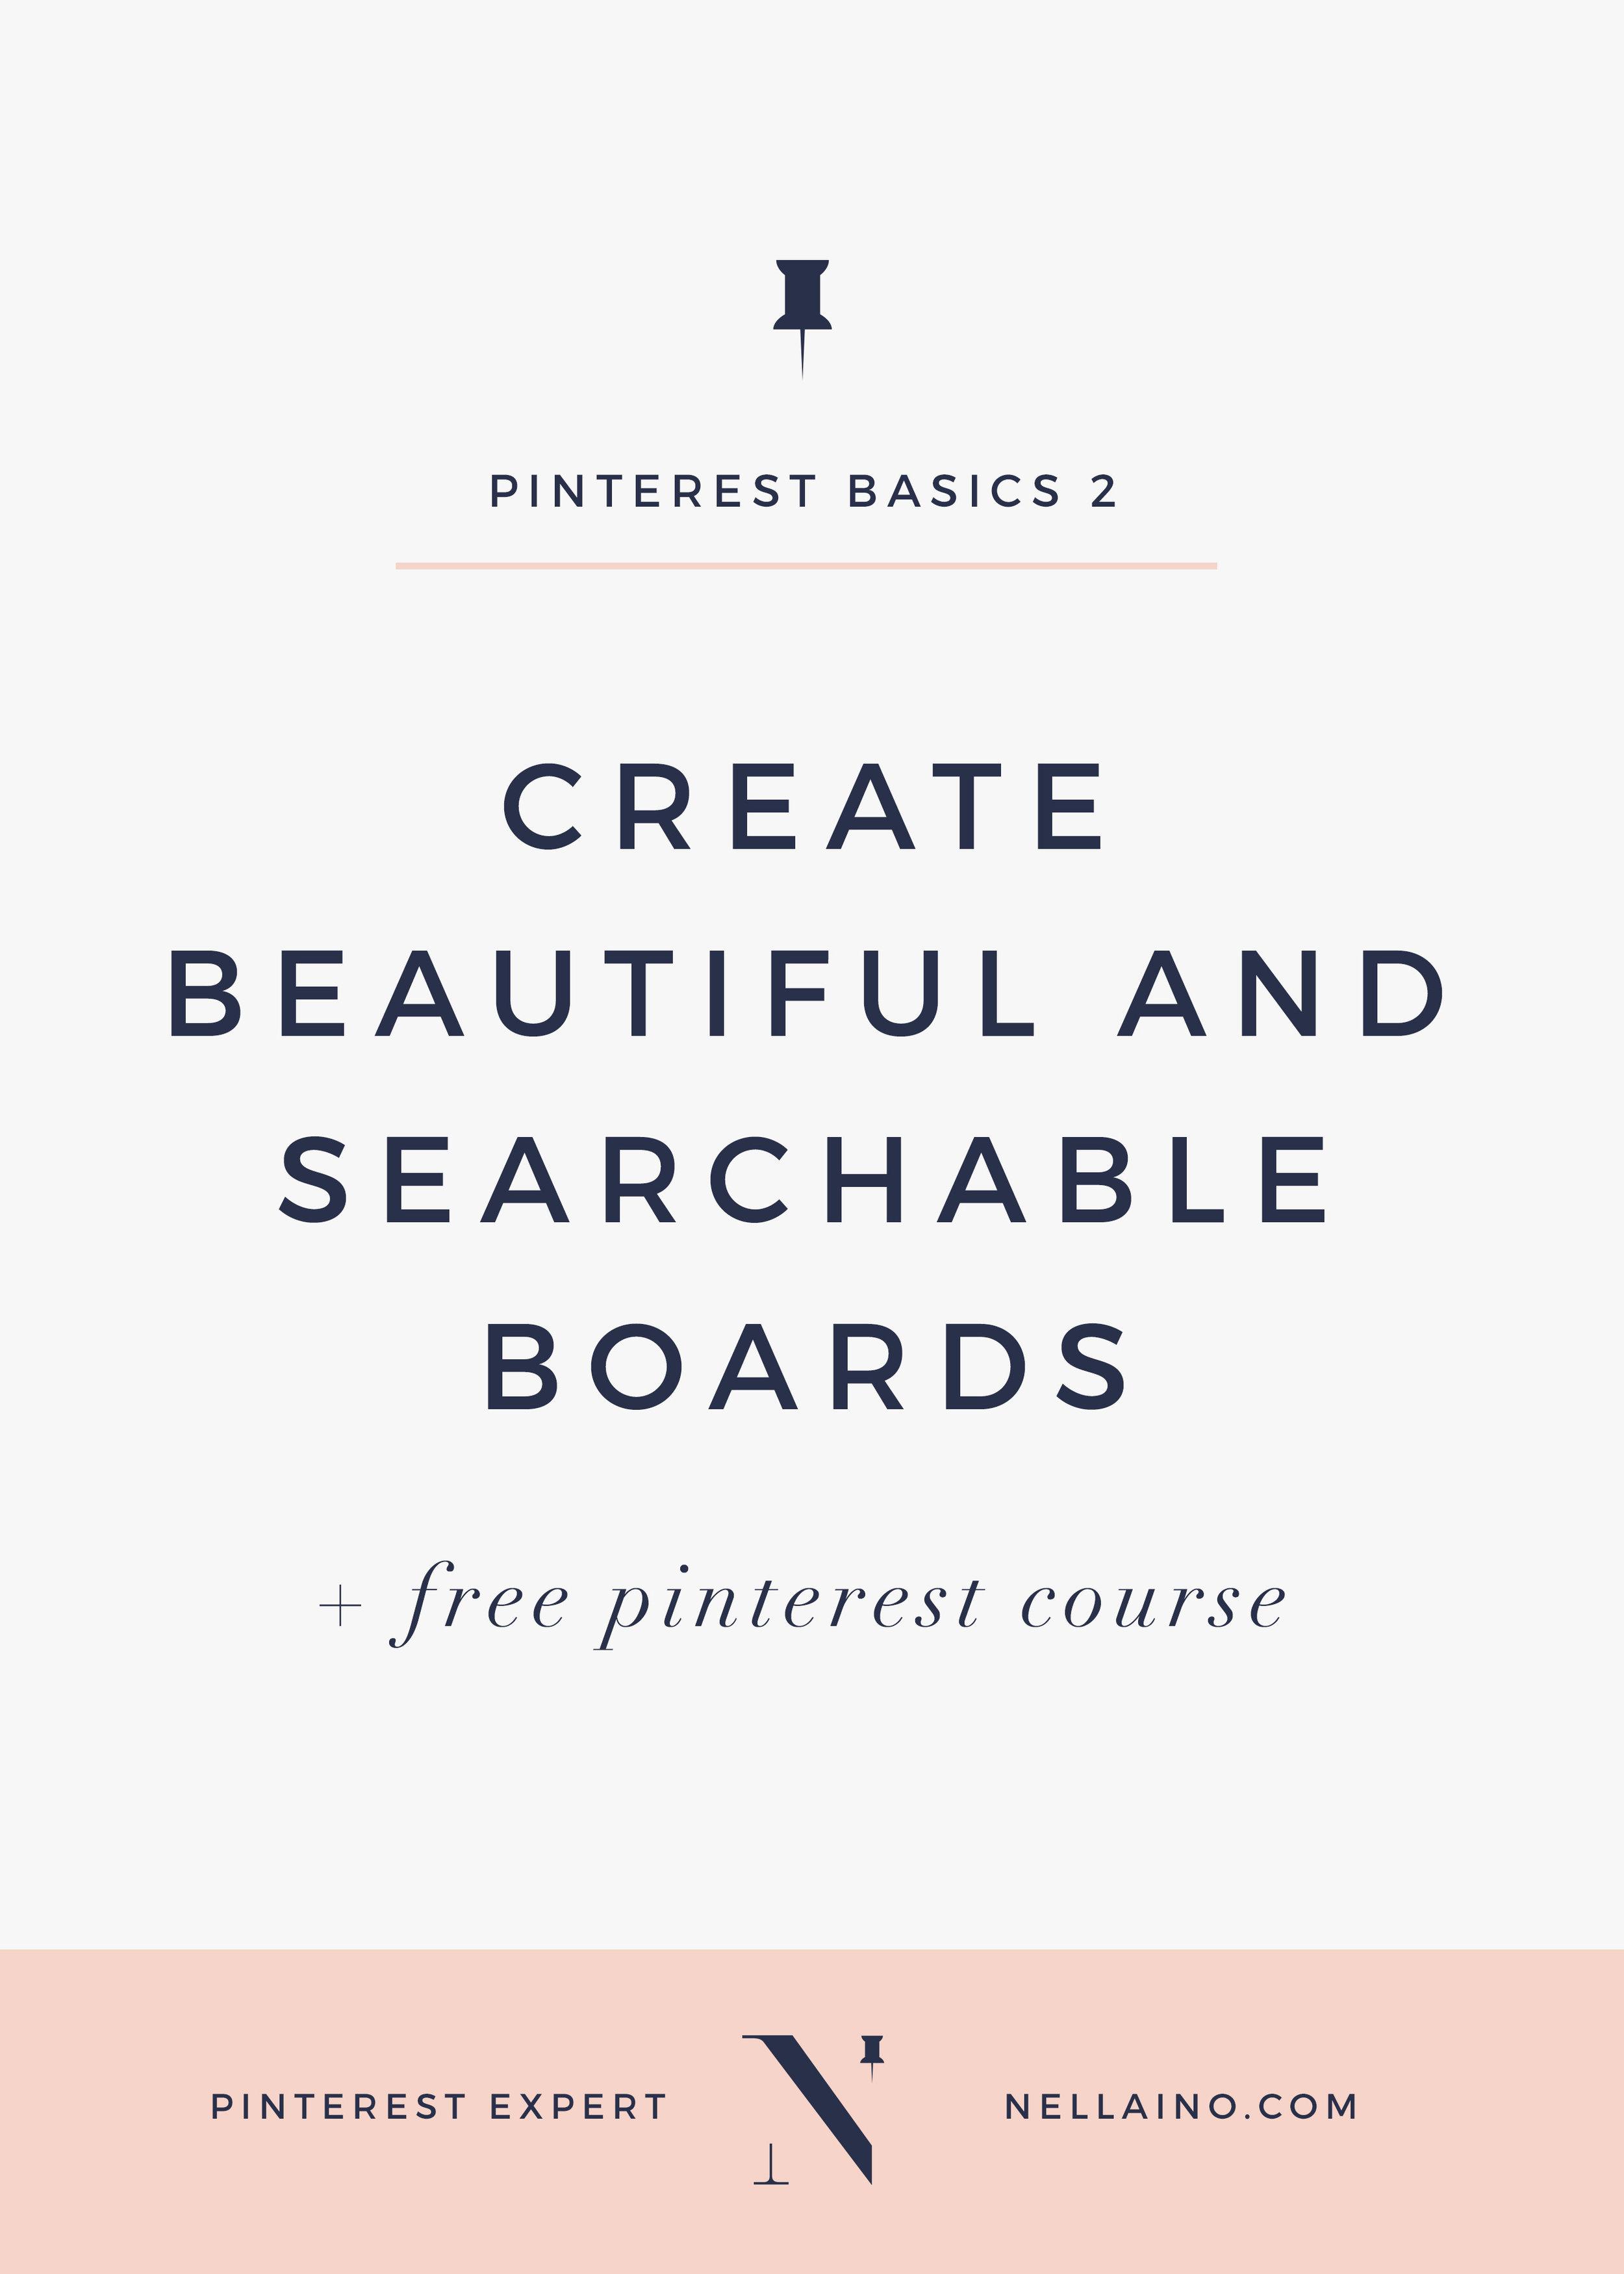 Pinterest-basics-for-creative-entrepreneurs-from-nellaino.jpg